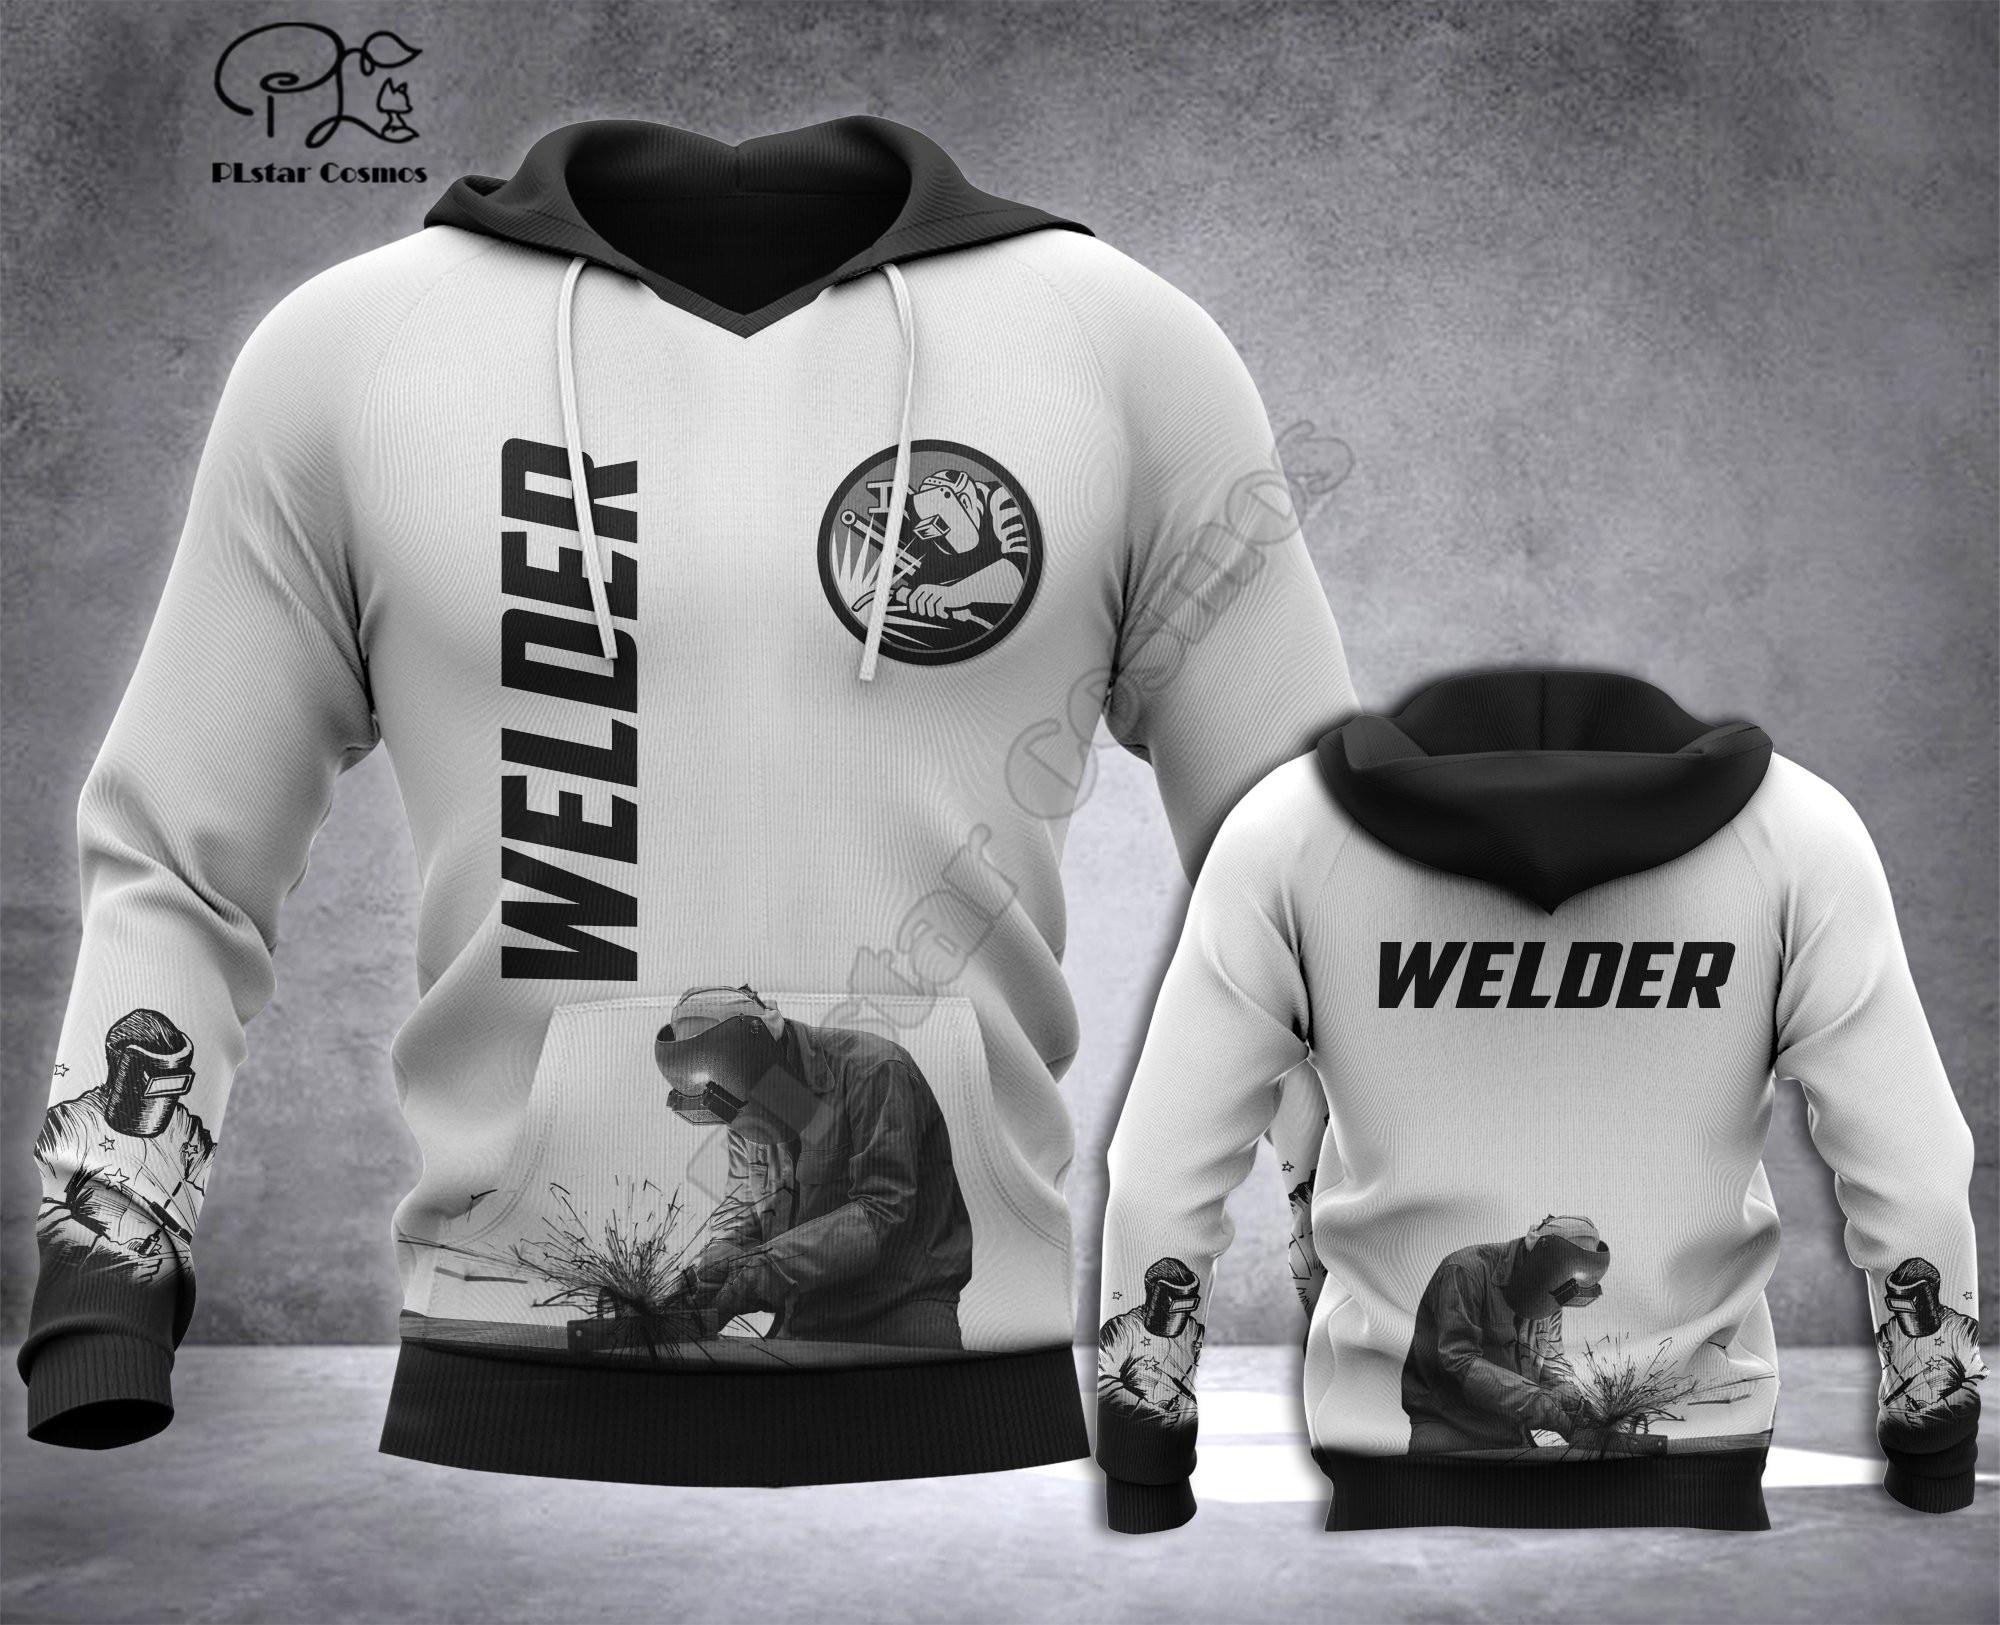 Welder printed Hoodies sweatshirts Men Women Fashion Hooded Long Sleeve streetwear Pullover cosplay costumes 4